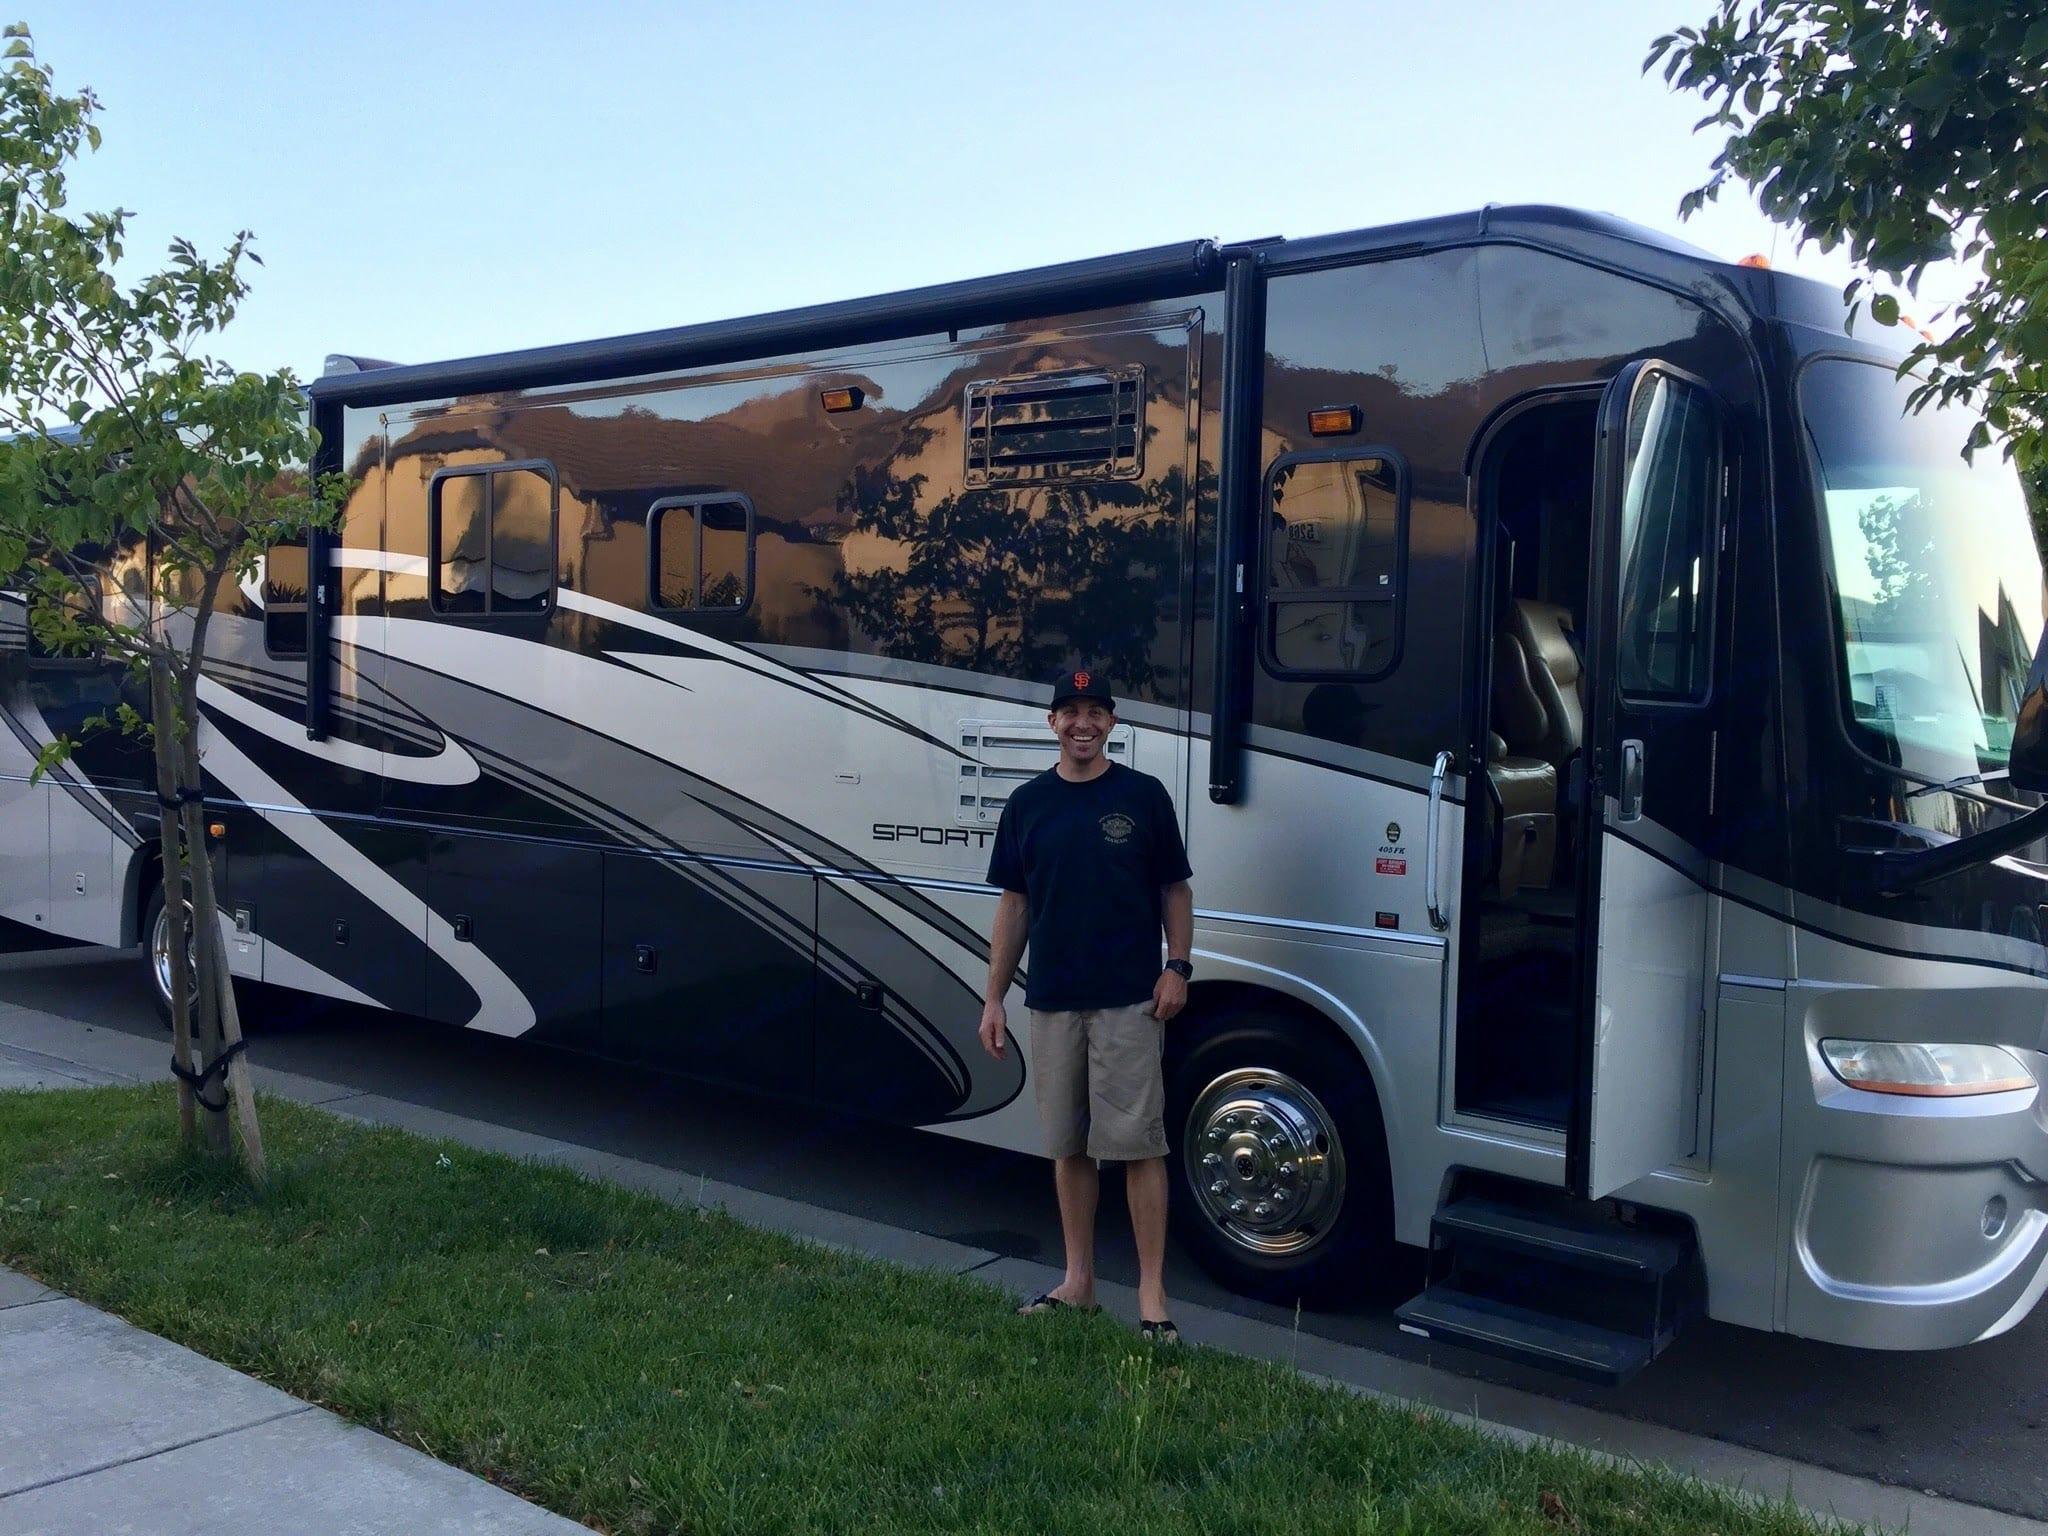 Coachmen Sportscoach Pathfinder 2009